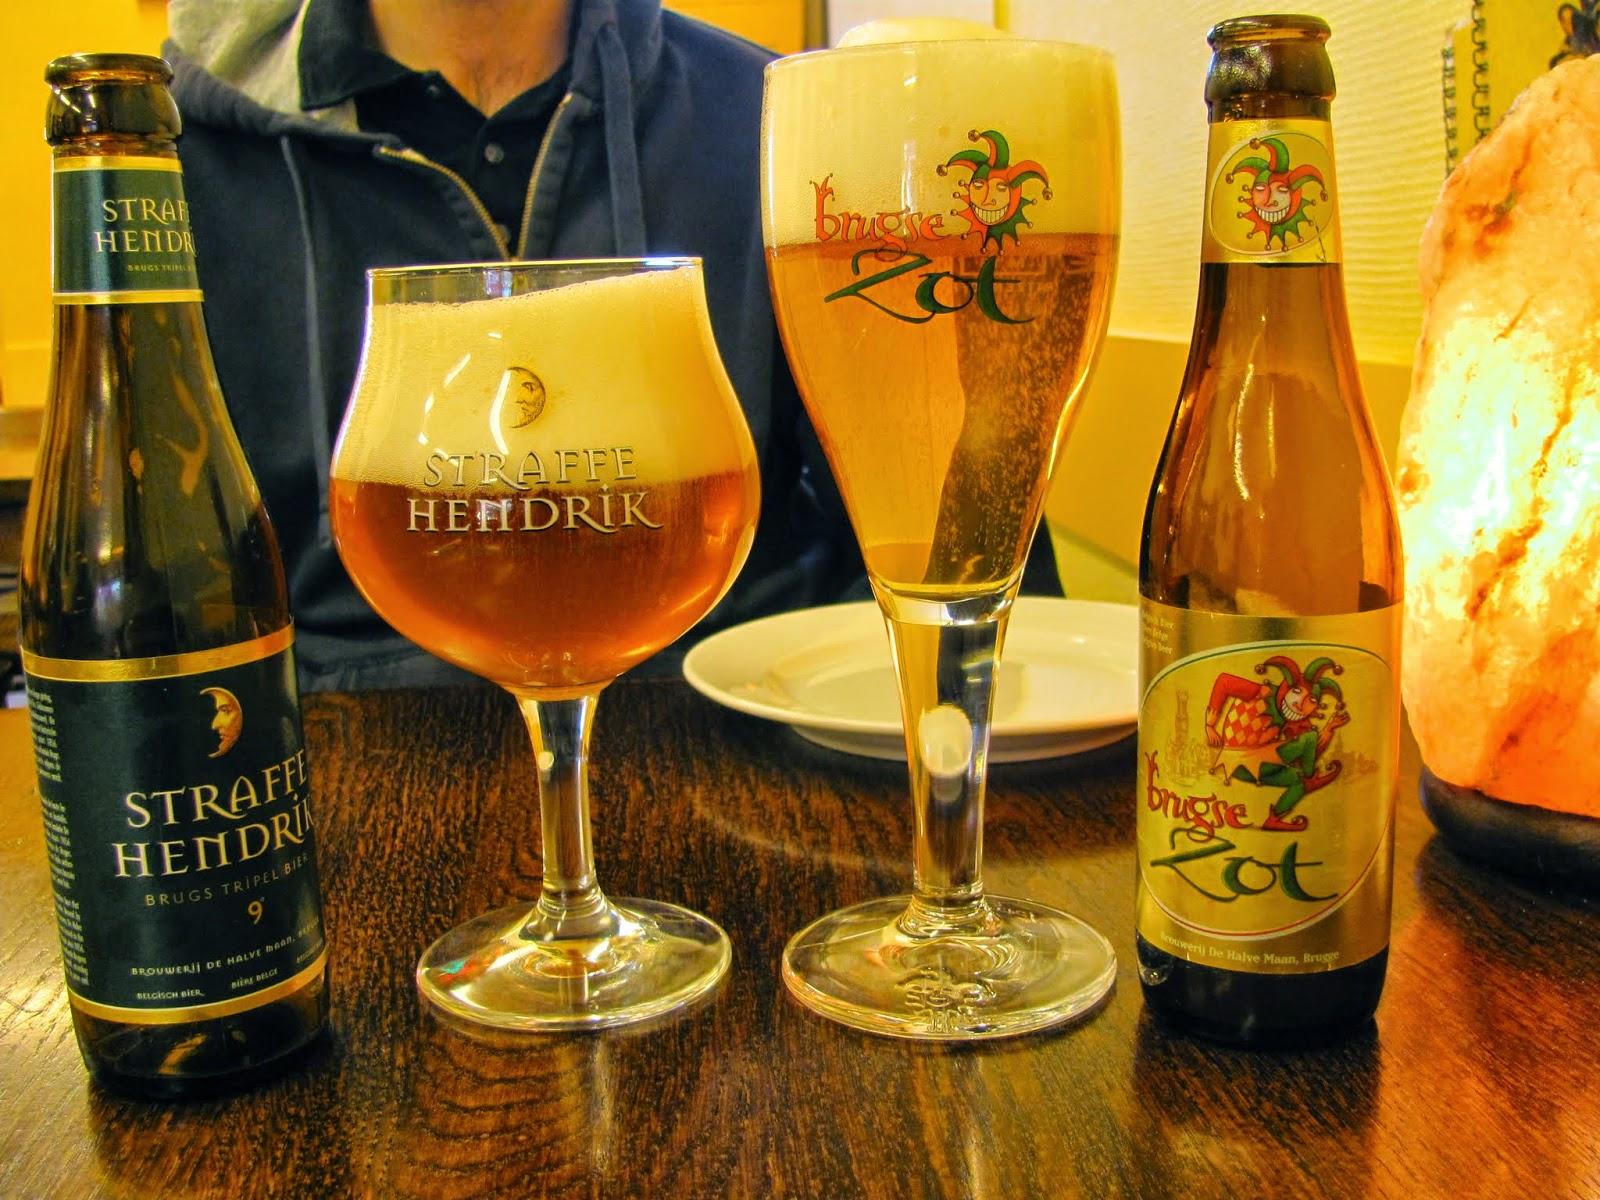 Straffe Hendrik and Brugse Zot Beer Bruges, Belgium